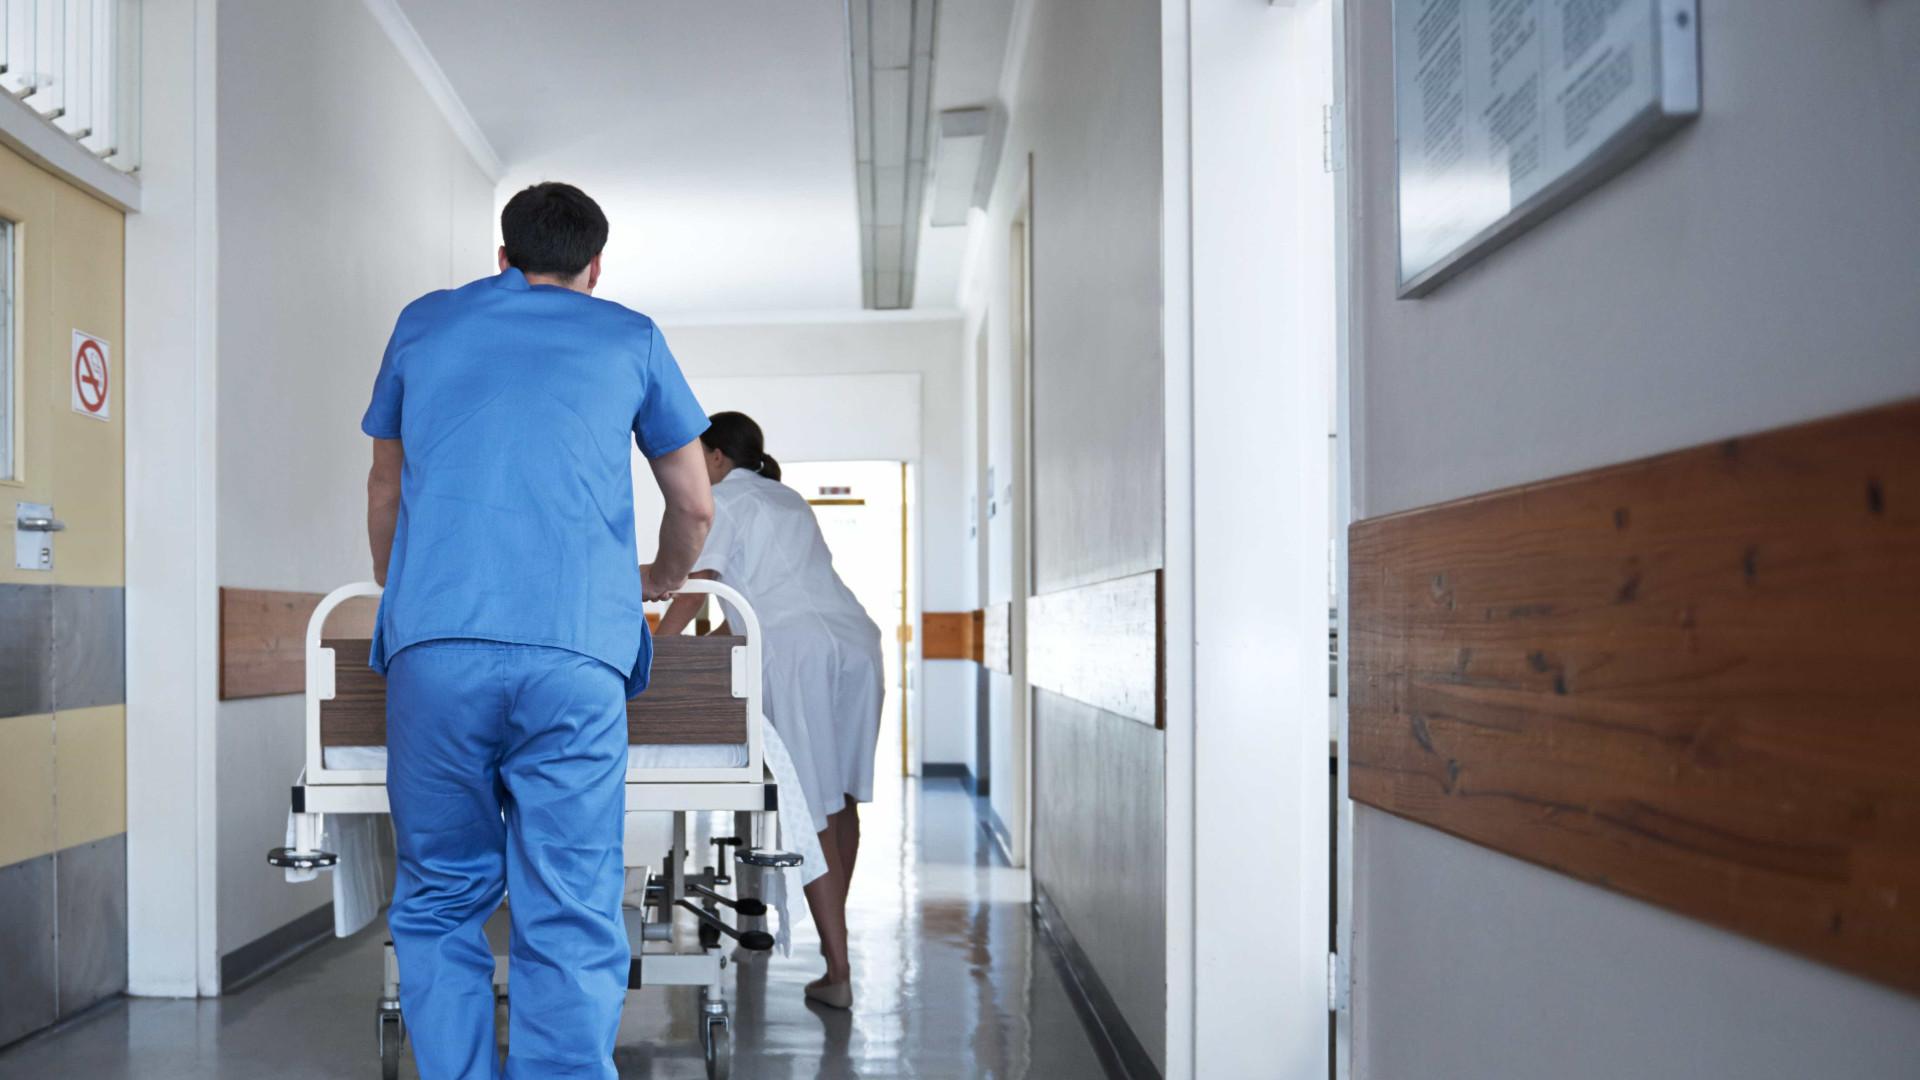 Administradores desconhecem casos de internos responsáveis por urgências